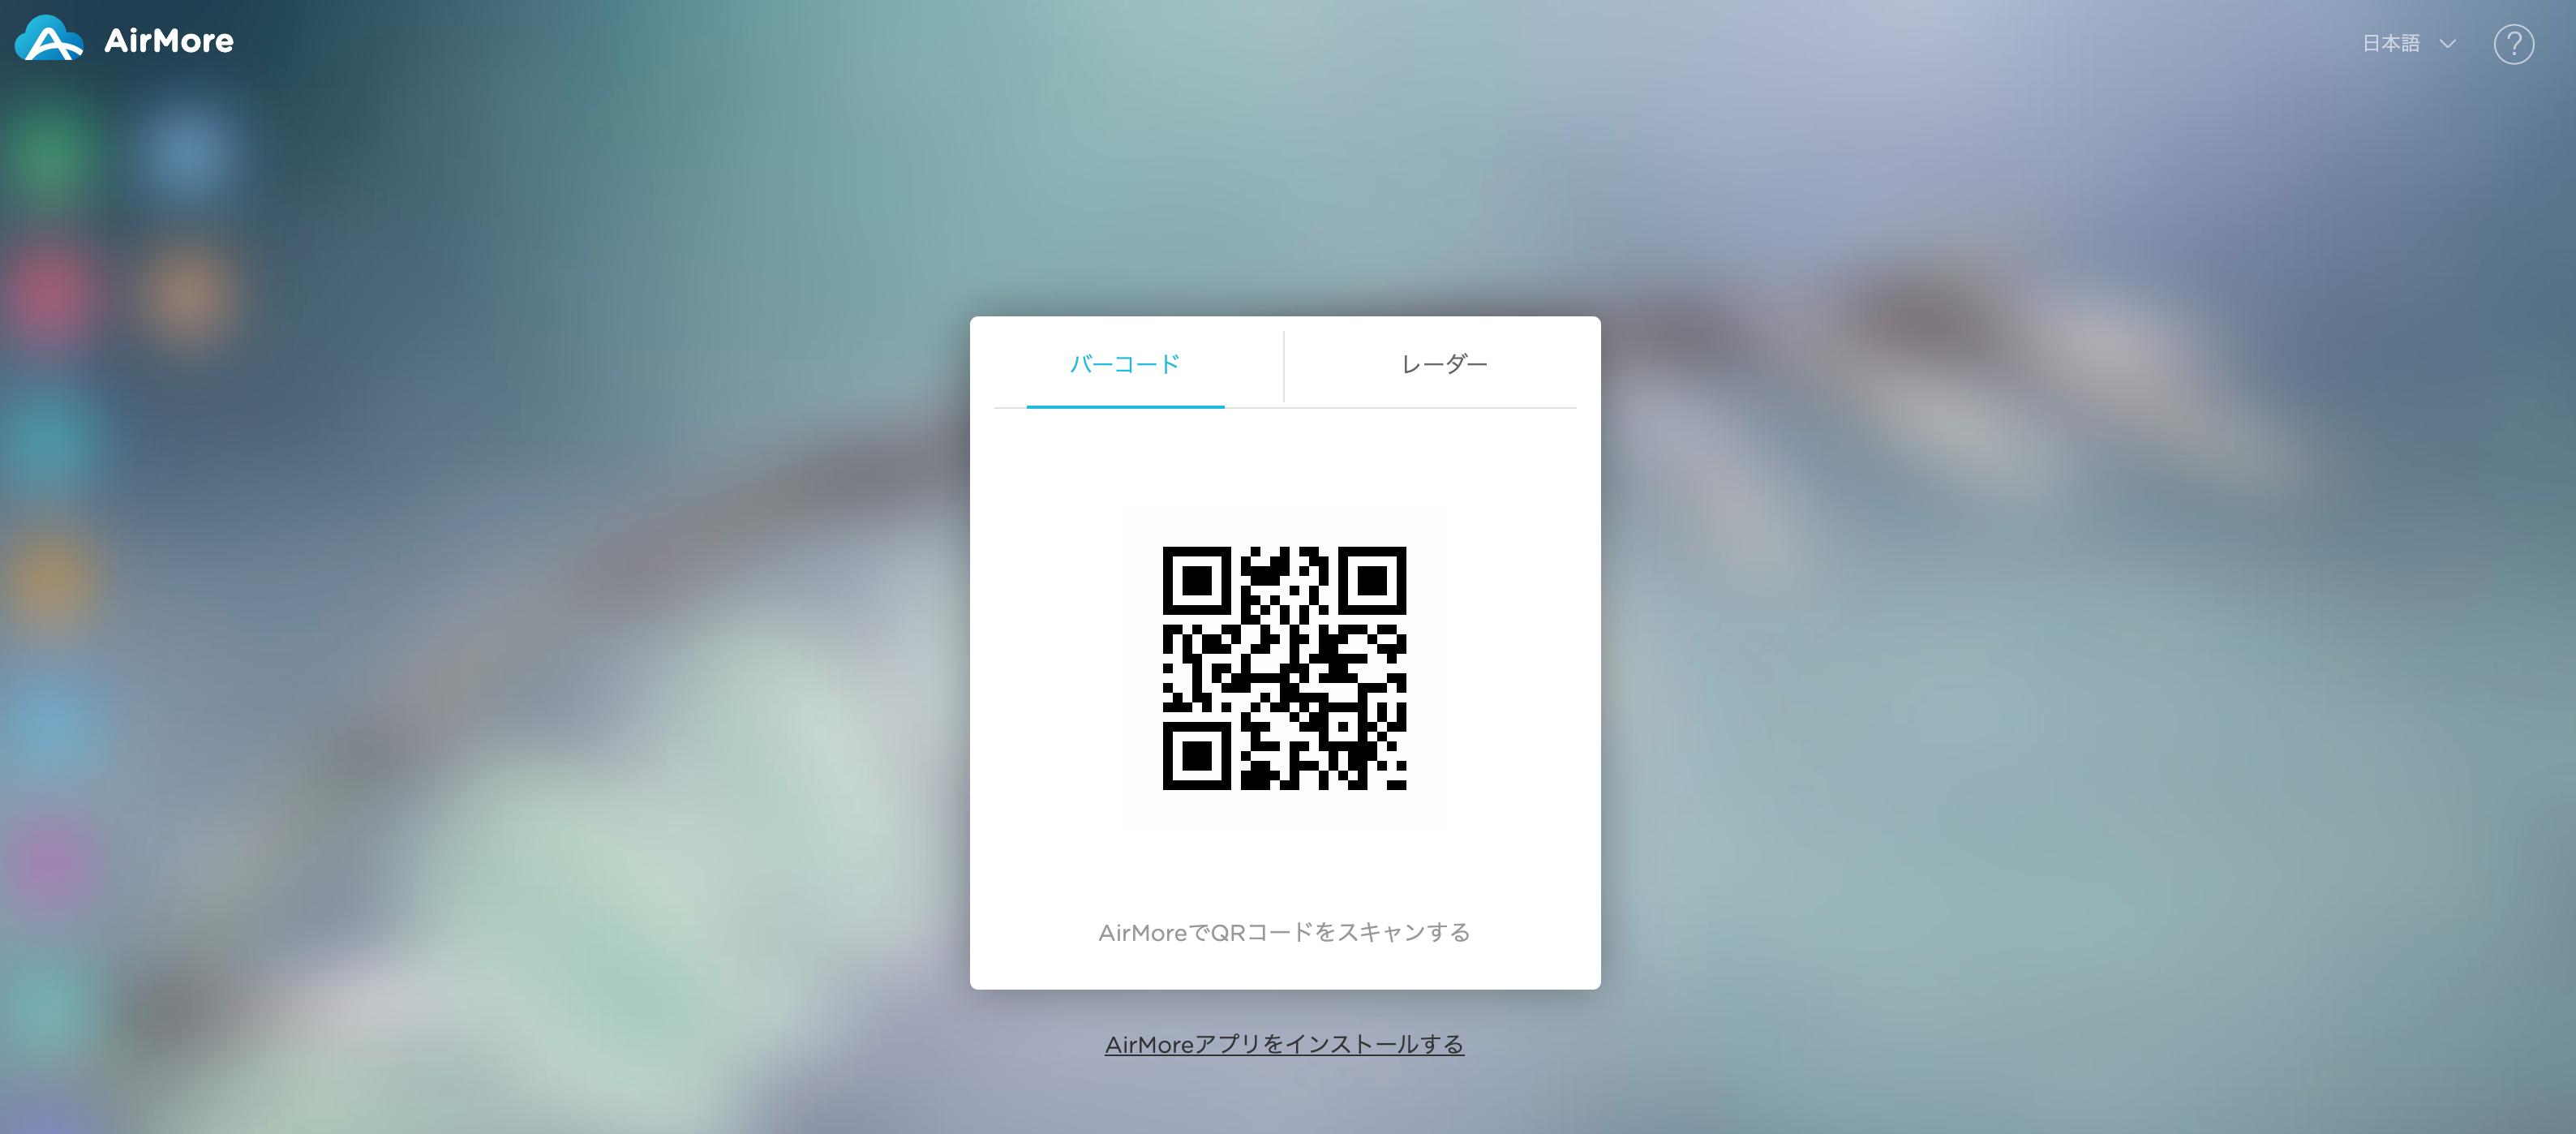 pcスクリーンショット 2020-03-04 20.01.22.png